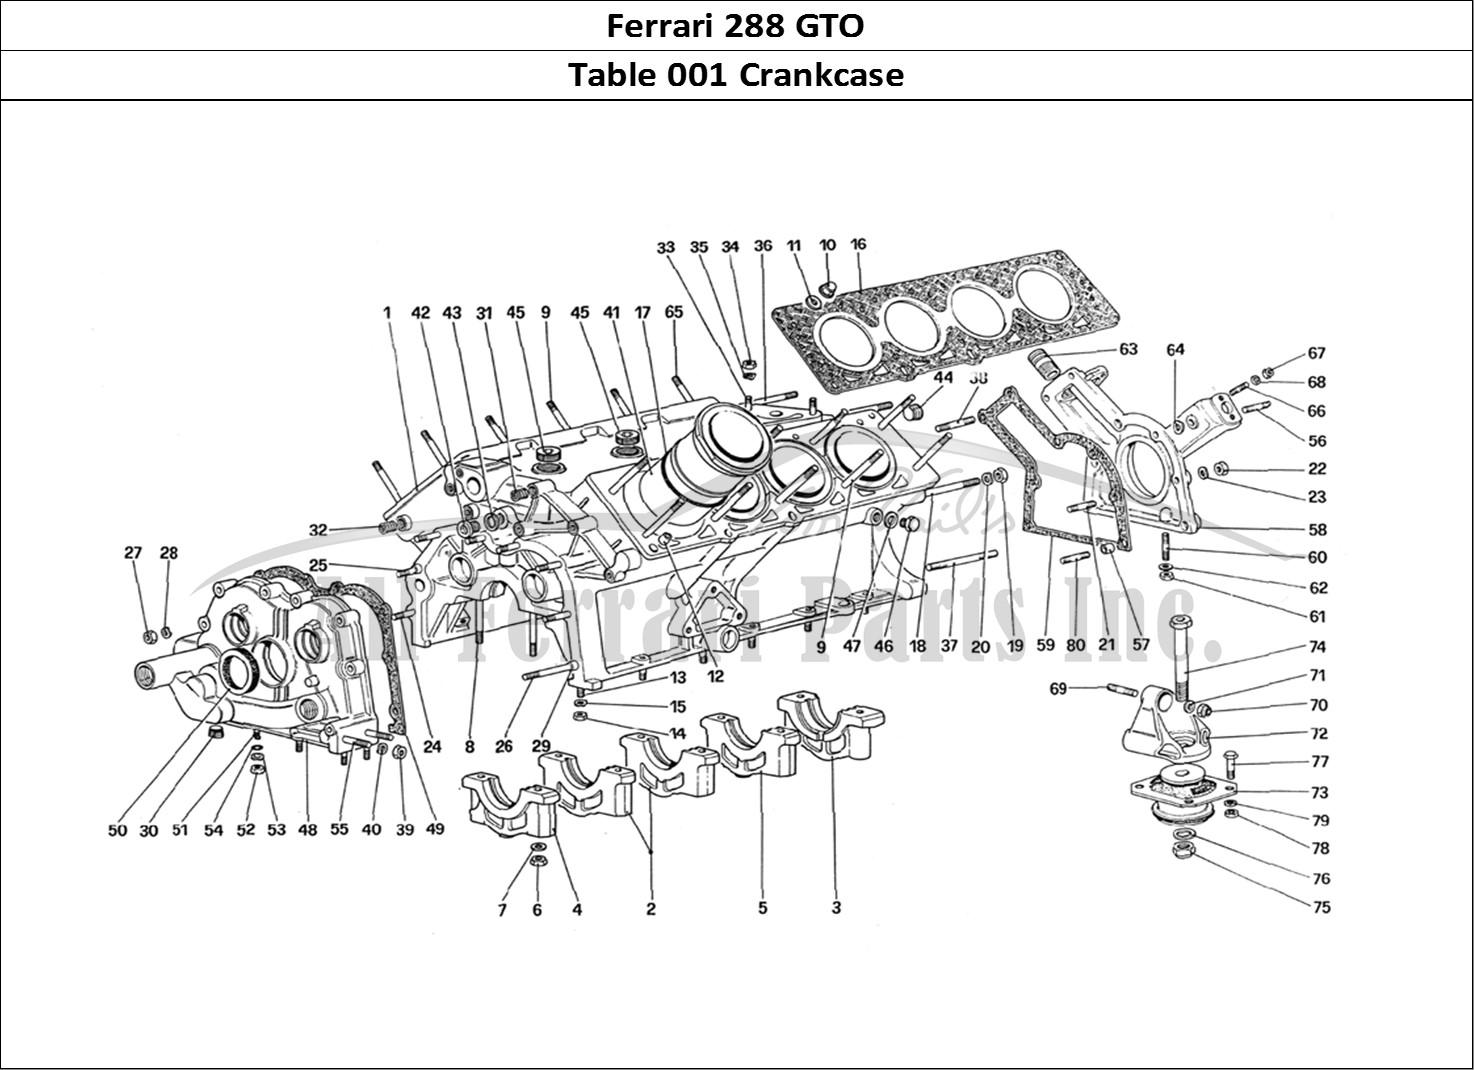 Buy Original Ferrari 288 Gto 001 Crankcase Ferrari Parts Spares Accessories Online